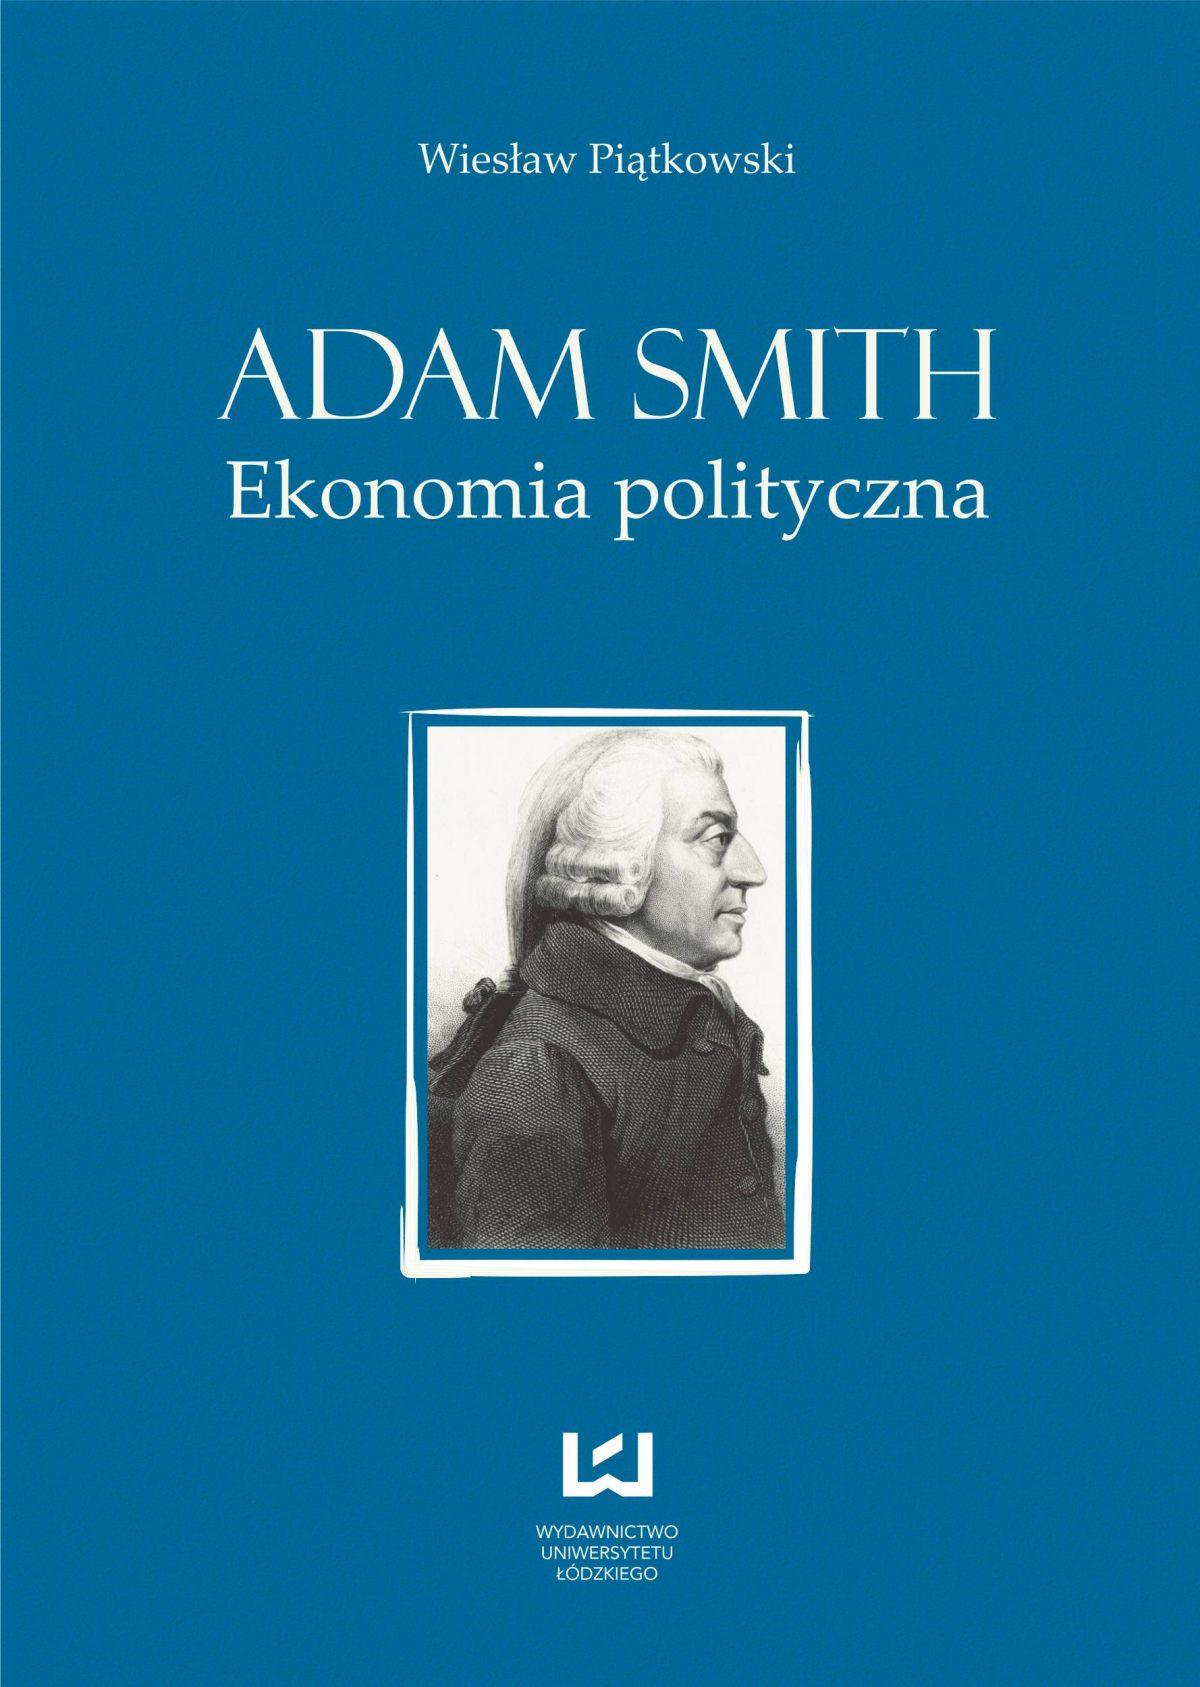 Adam Smith. Ekonomia polityczna - Ebook (Książka PDF) do pobrania w formacie PDF